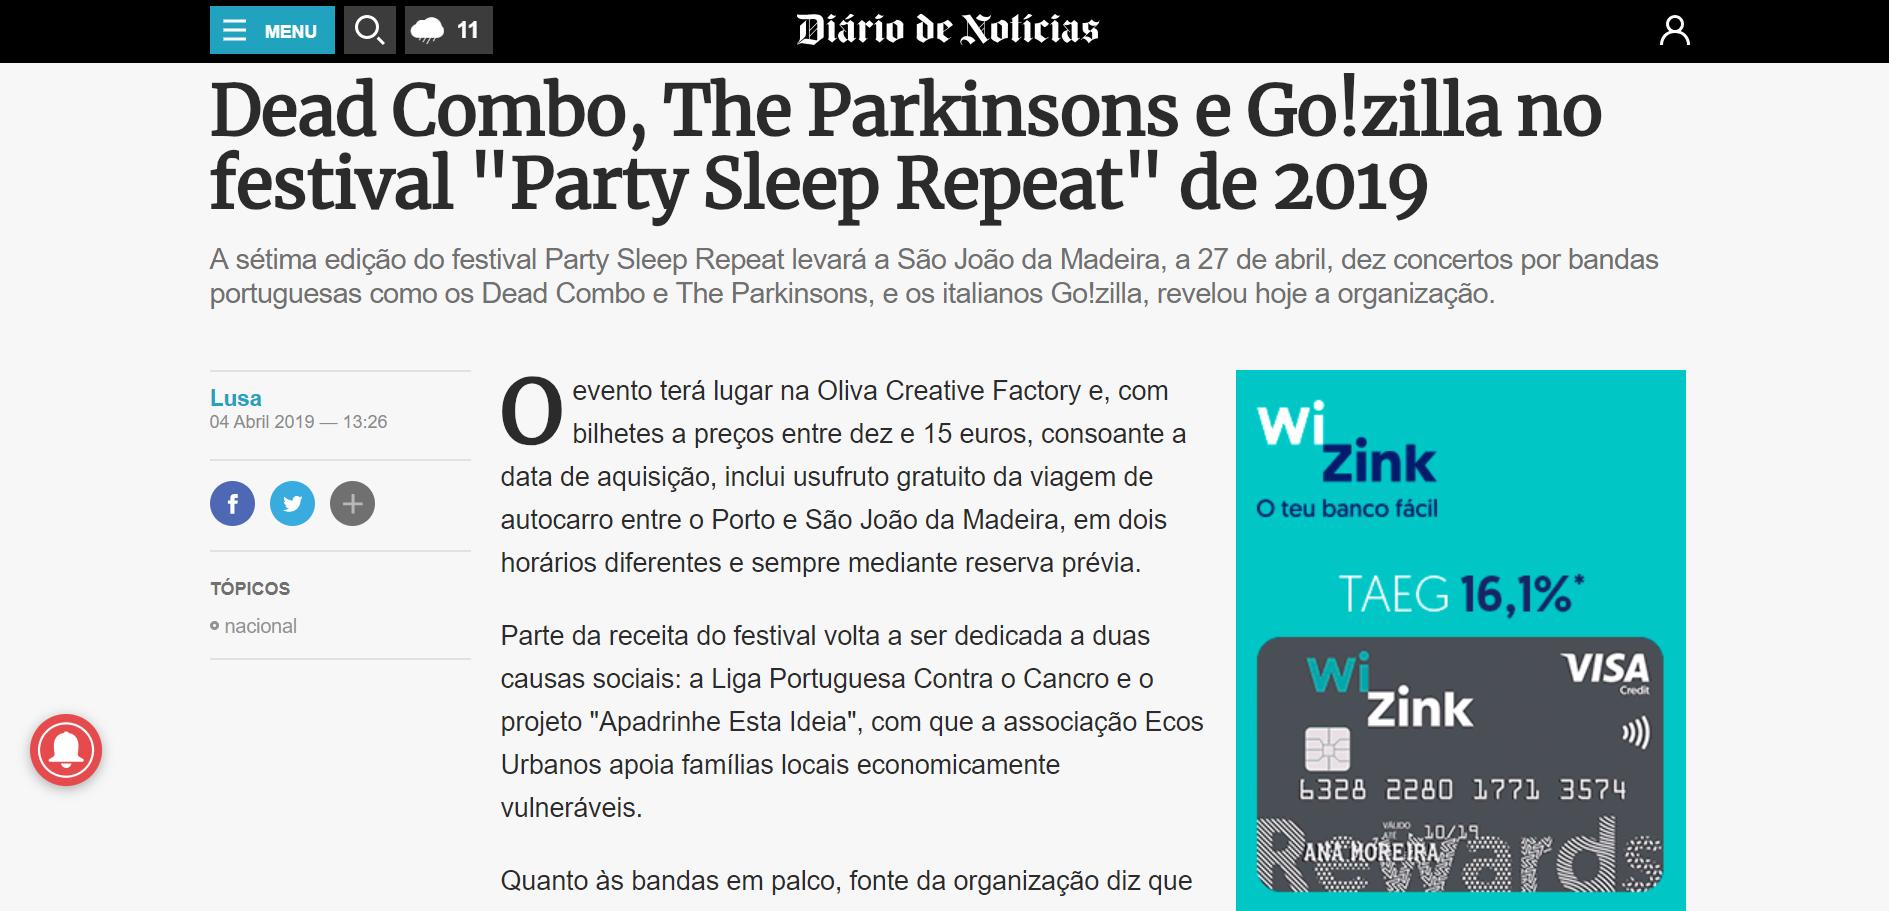 Diário de Notícias.png